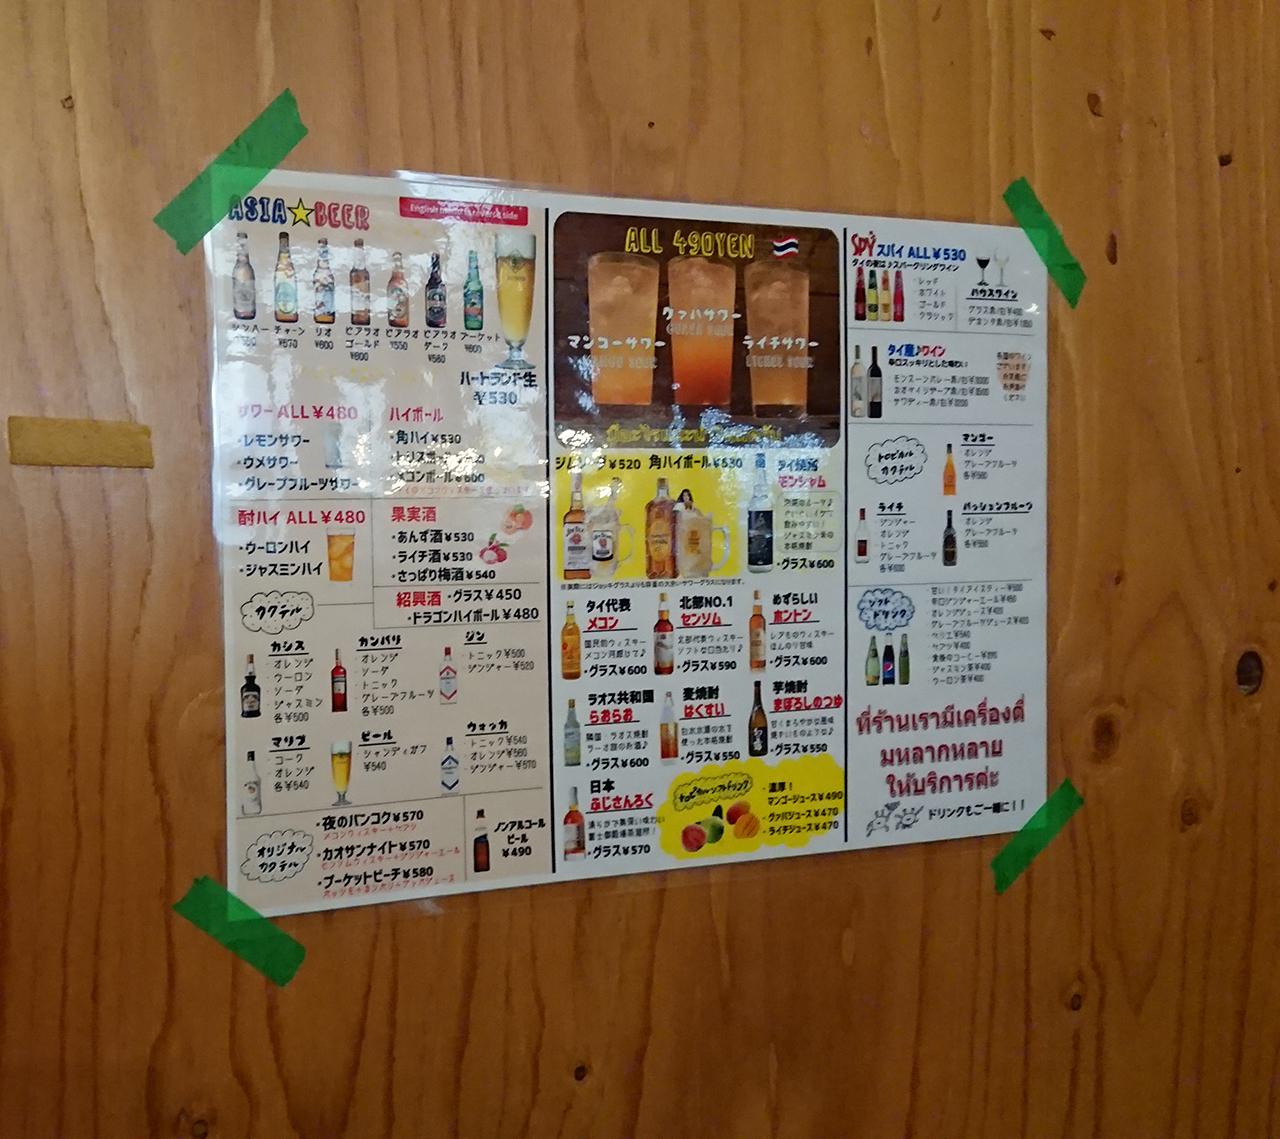 壁に貼られたアジアンビールのメニュー写真